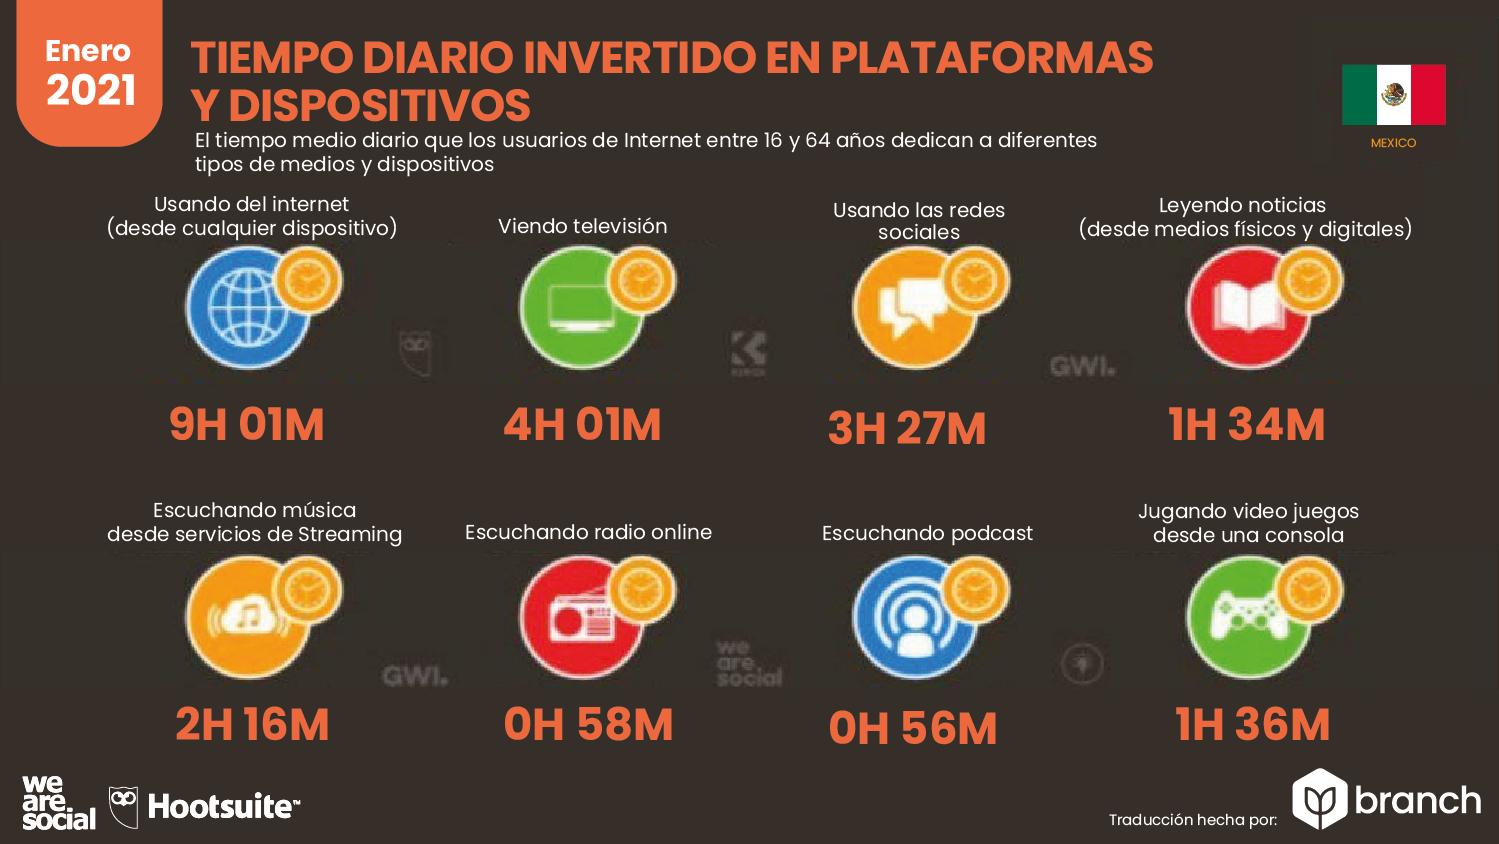 tiempo-invertido-en-plataformas-por-dispositivo-mexico-2020-2021